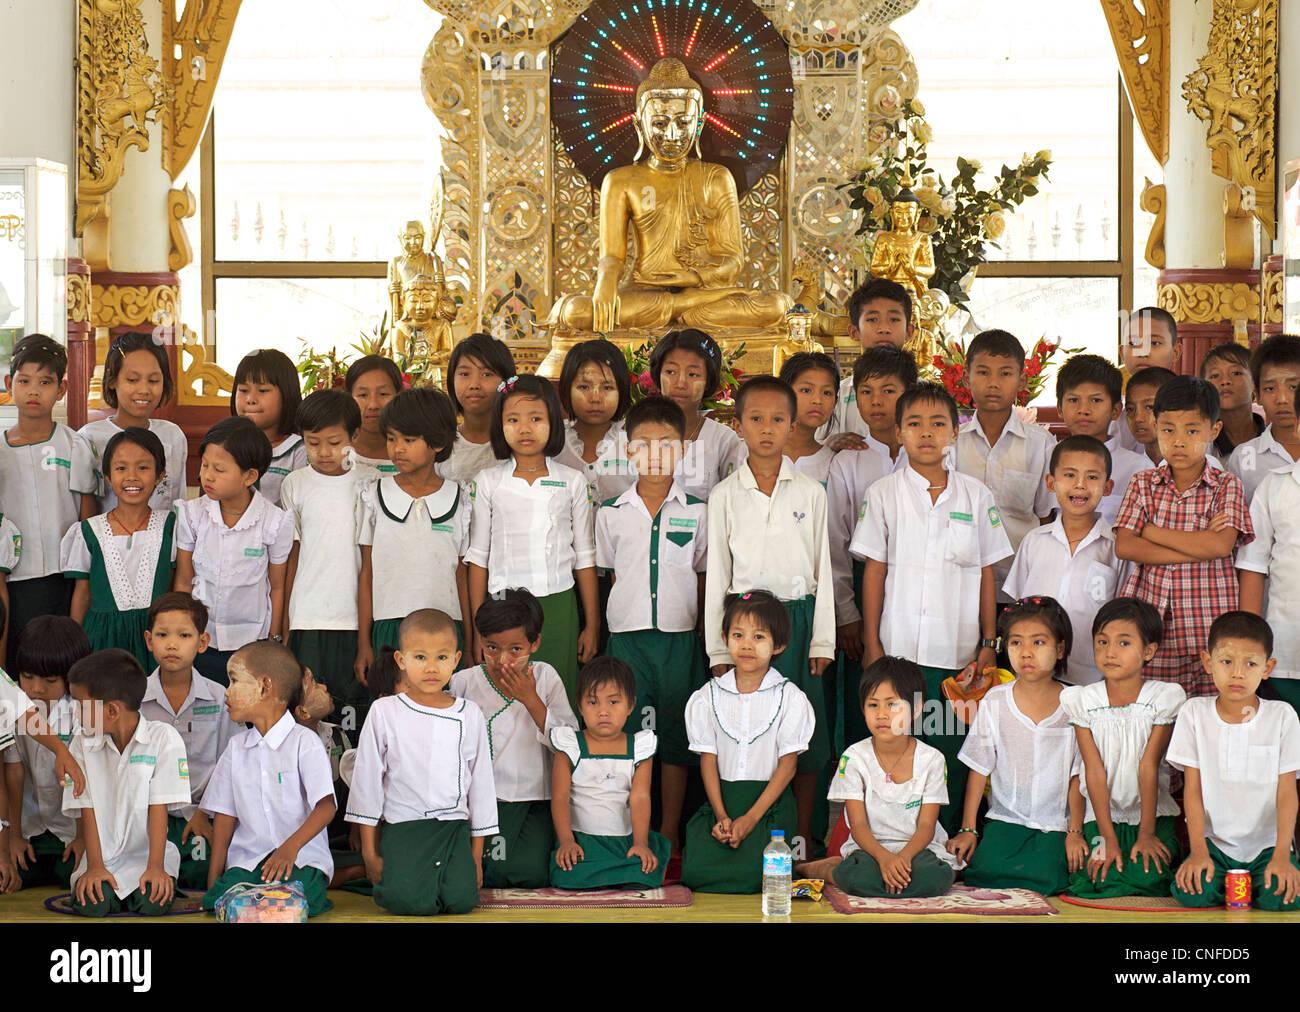 Kuthodaw Pagoda, Mandalay, Burma. Myanmar. Group of schoolchildren - Stock Image